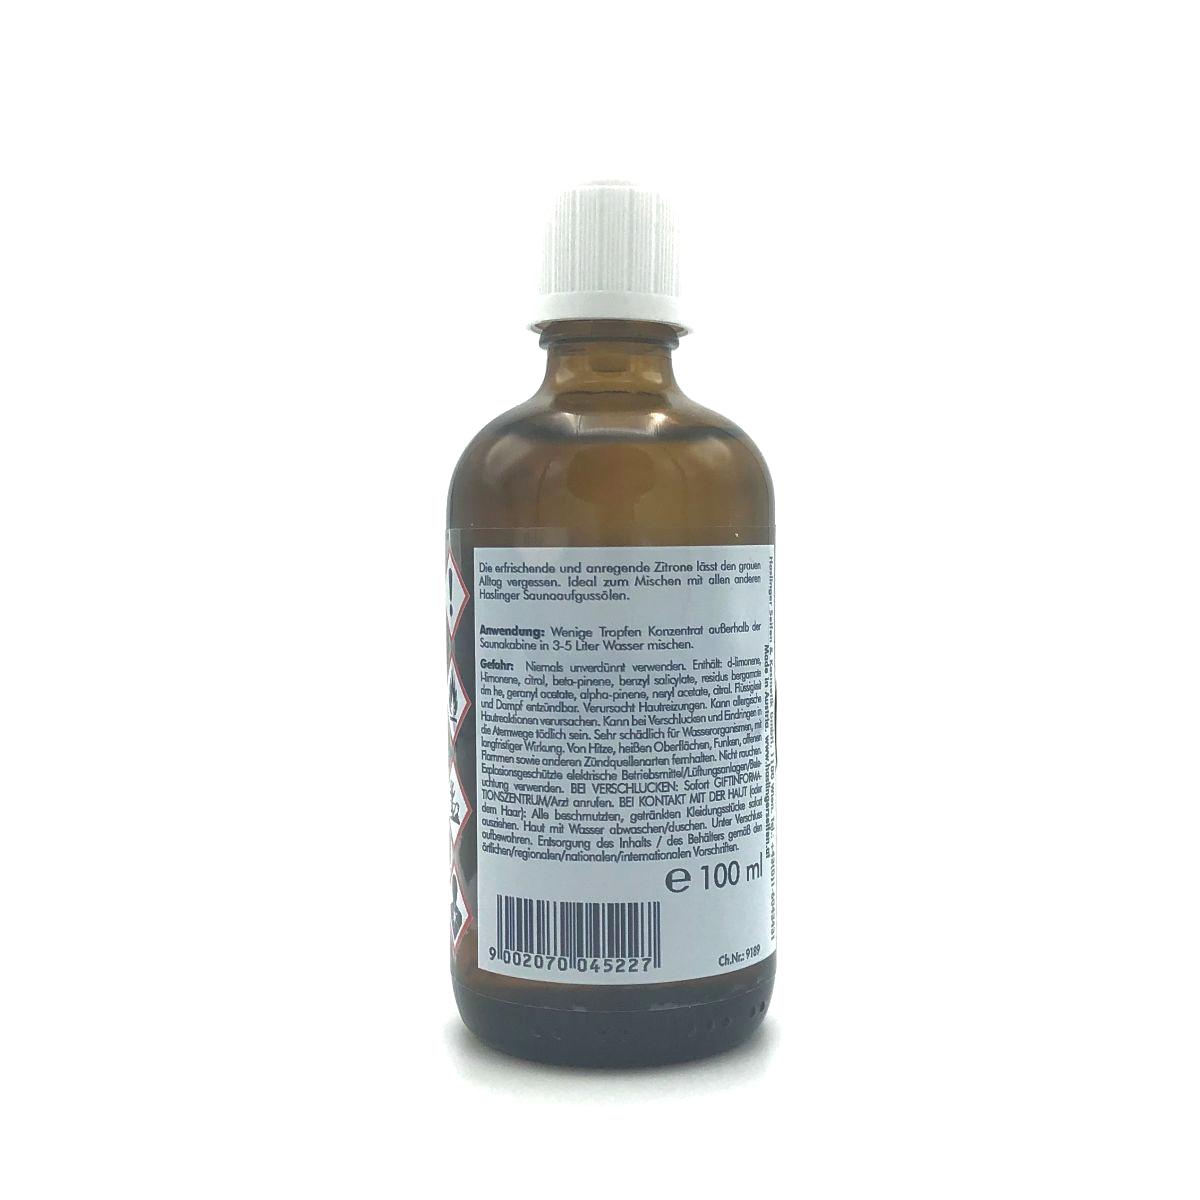 Sauna-Aufguss-Öl 'Zitrone' von HASLINGER